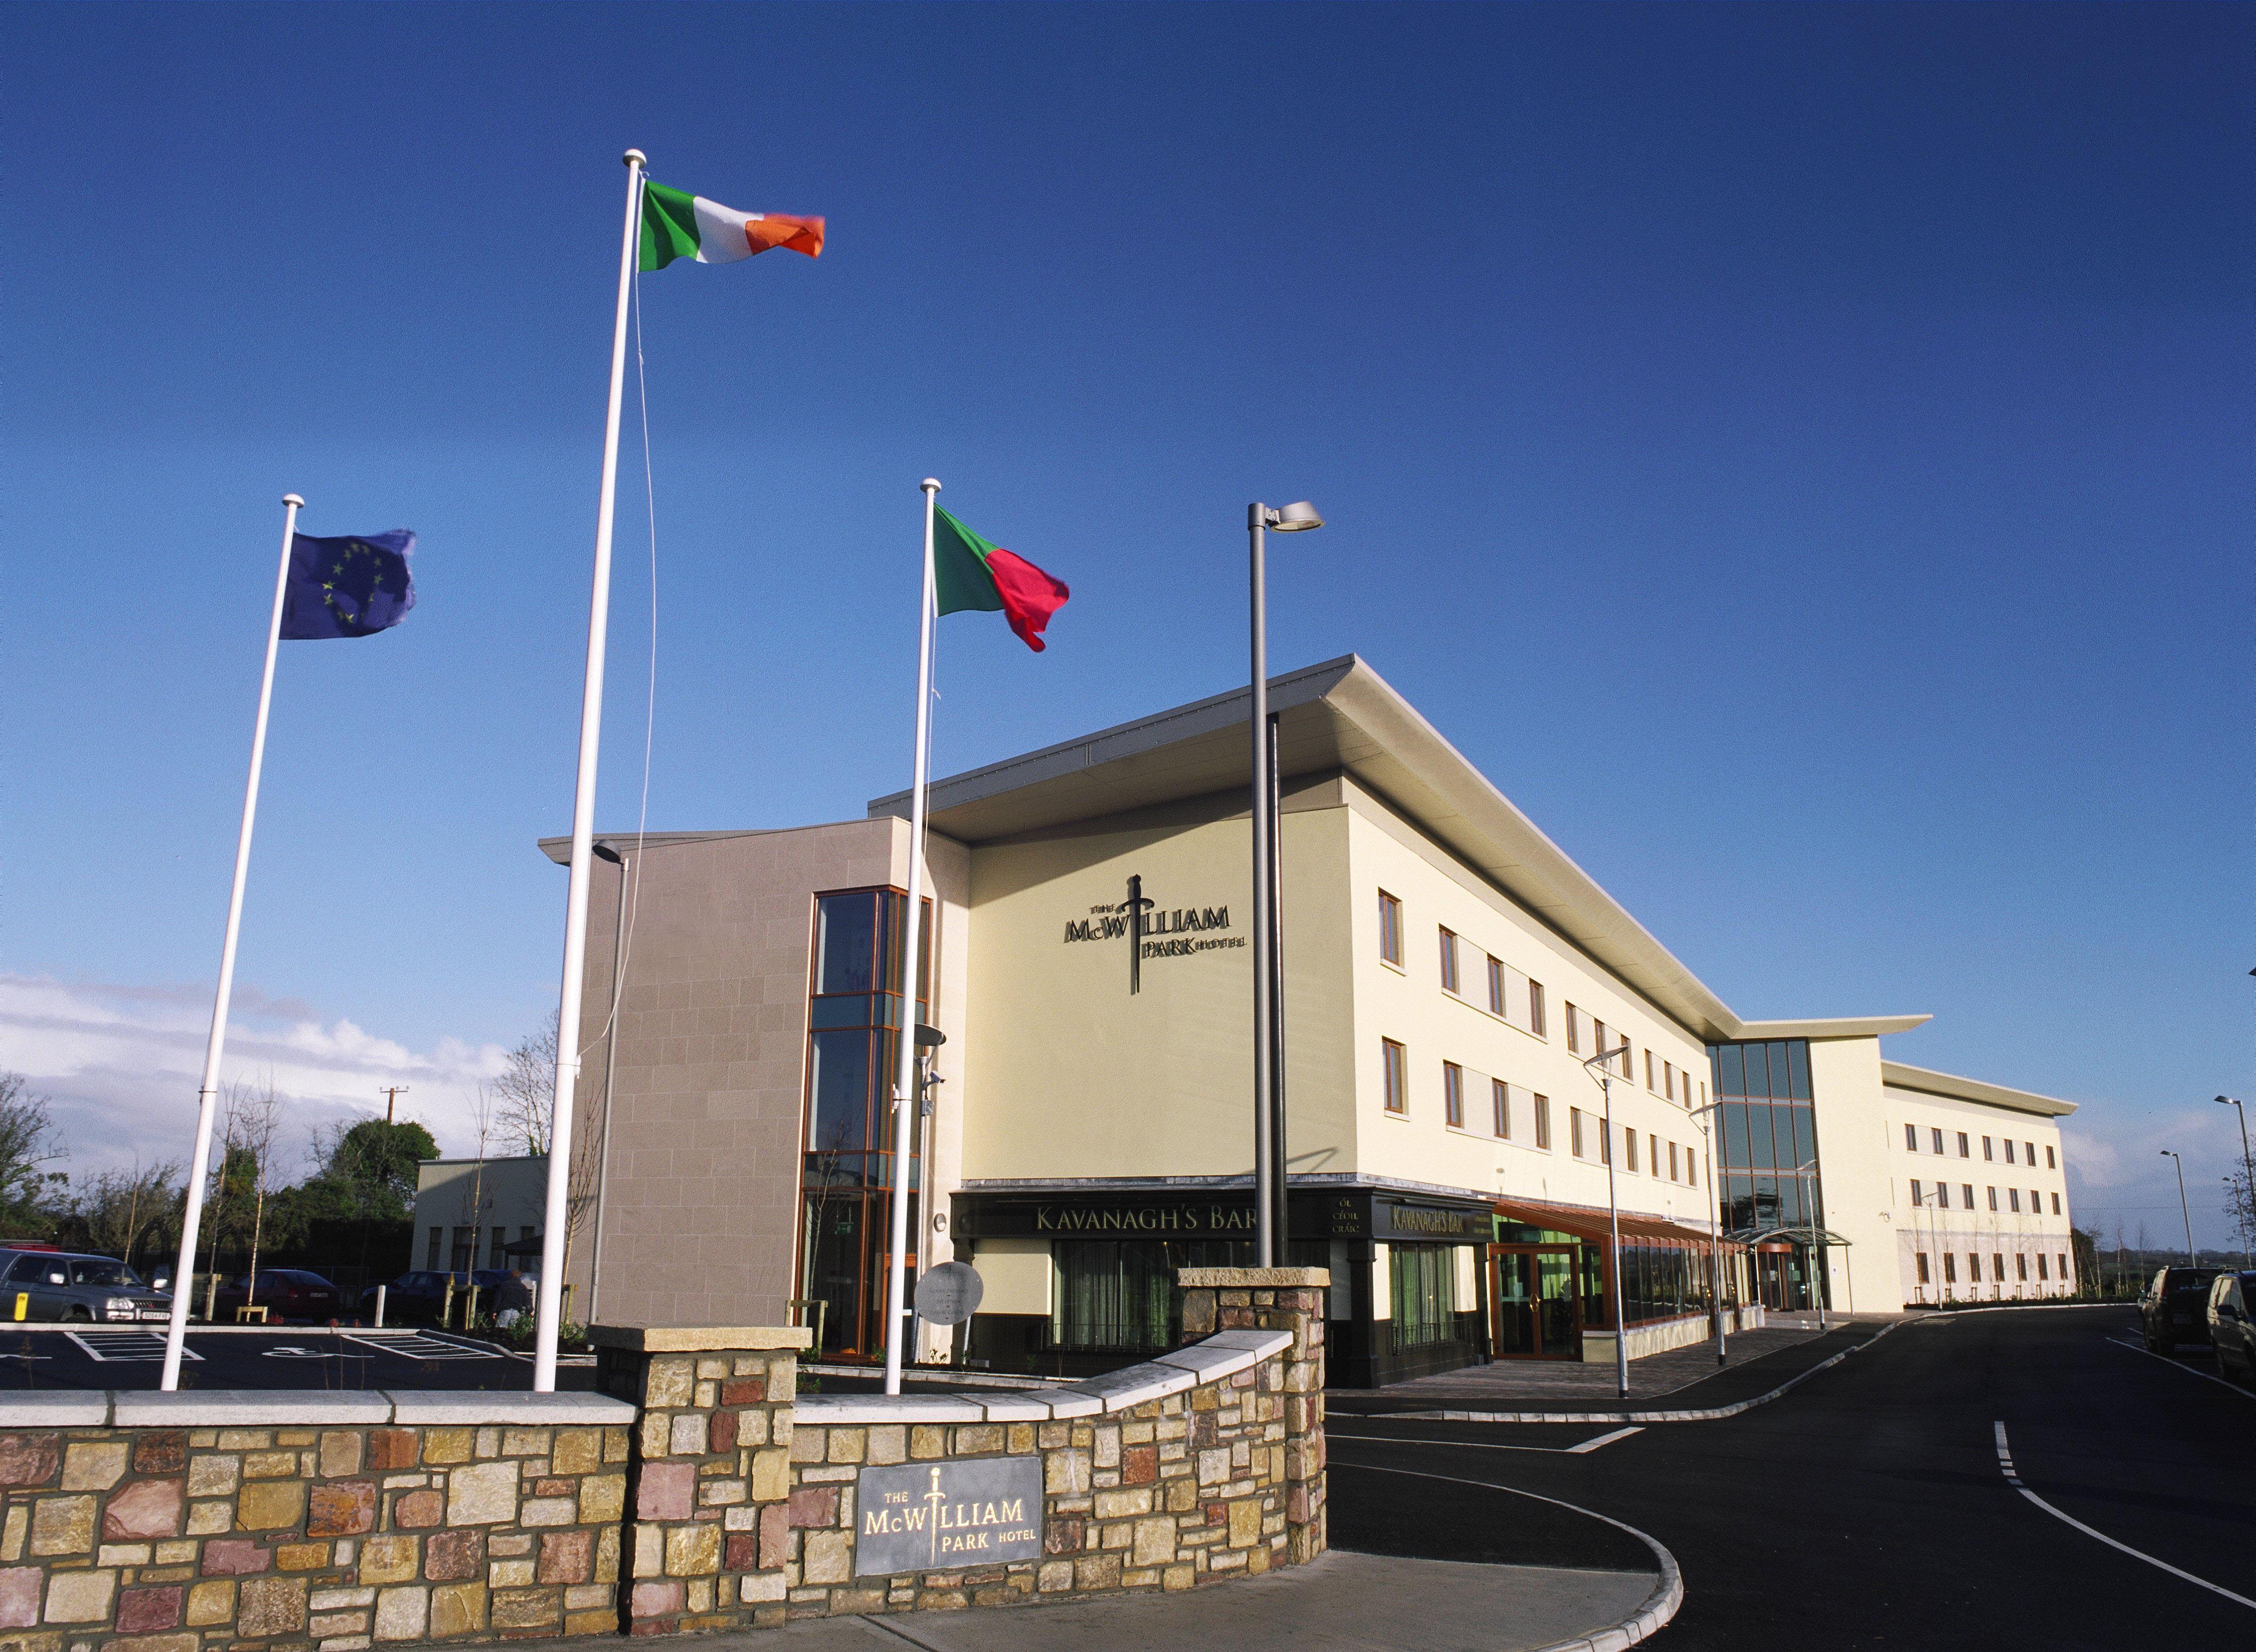 Mcwilliam Park Hotel Claremorris Co Mayo